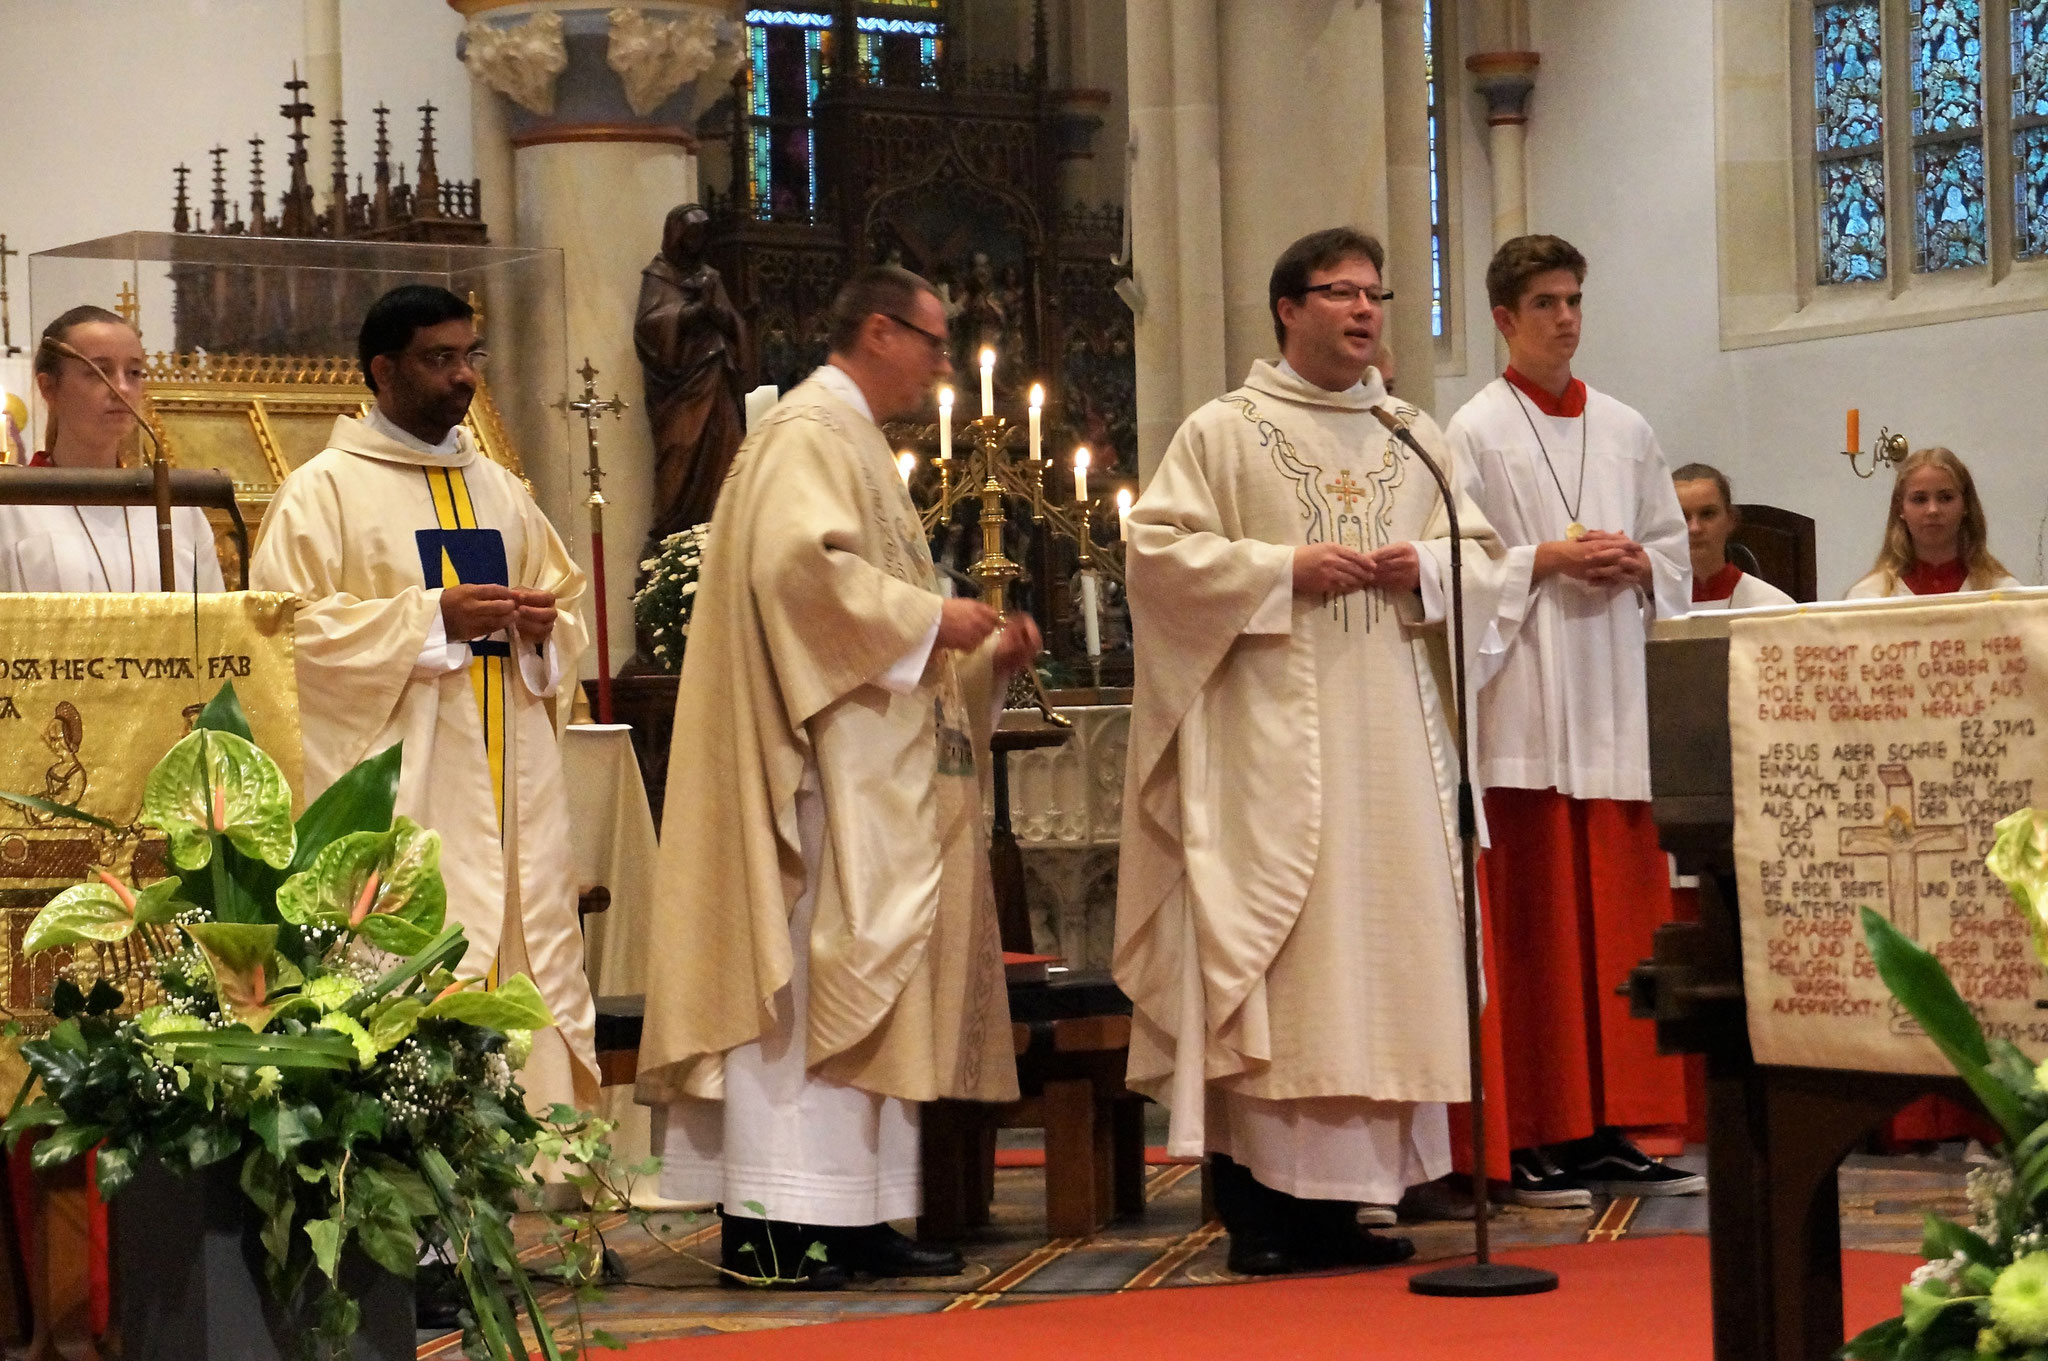 Zelebrant und Prediger Pater Dominik Kitta